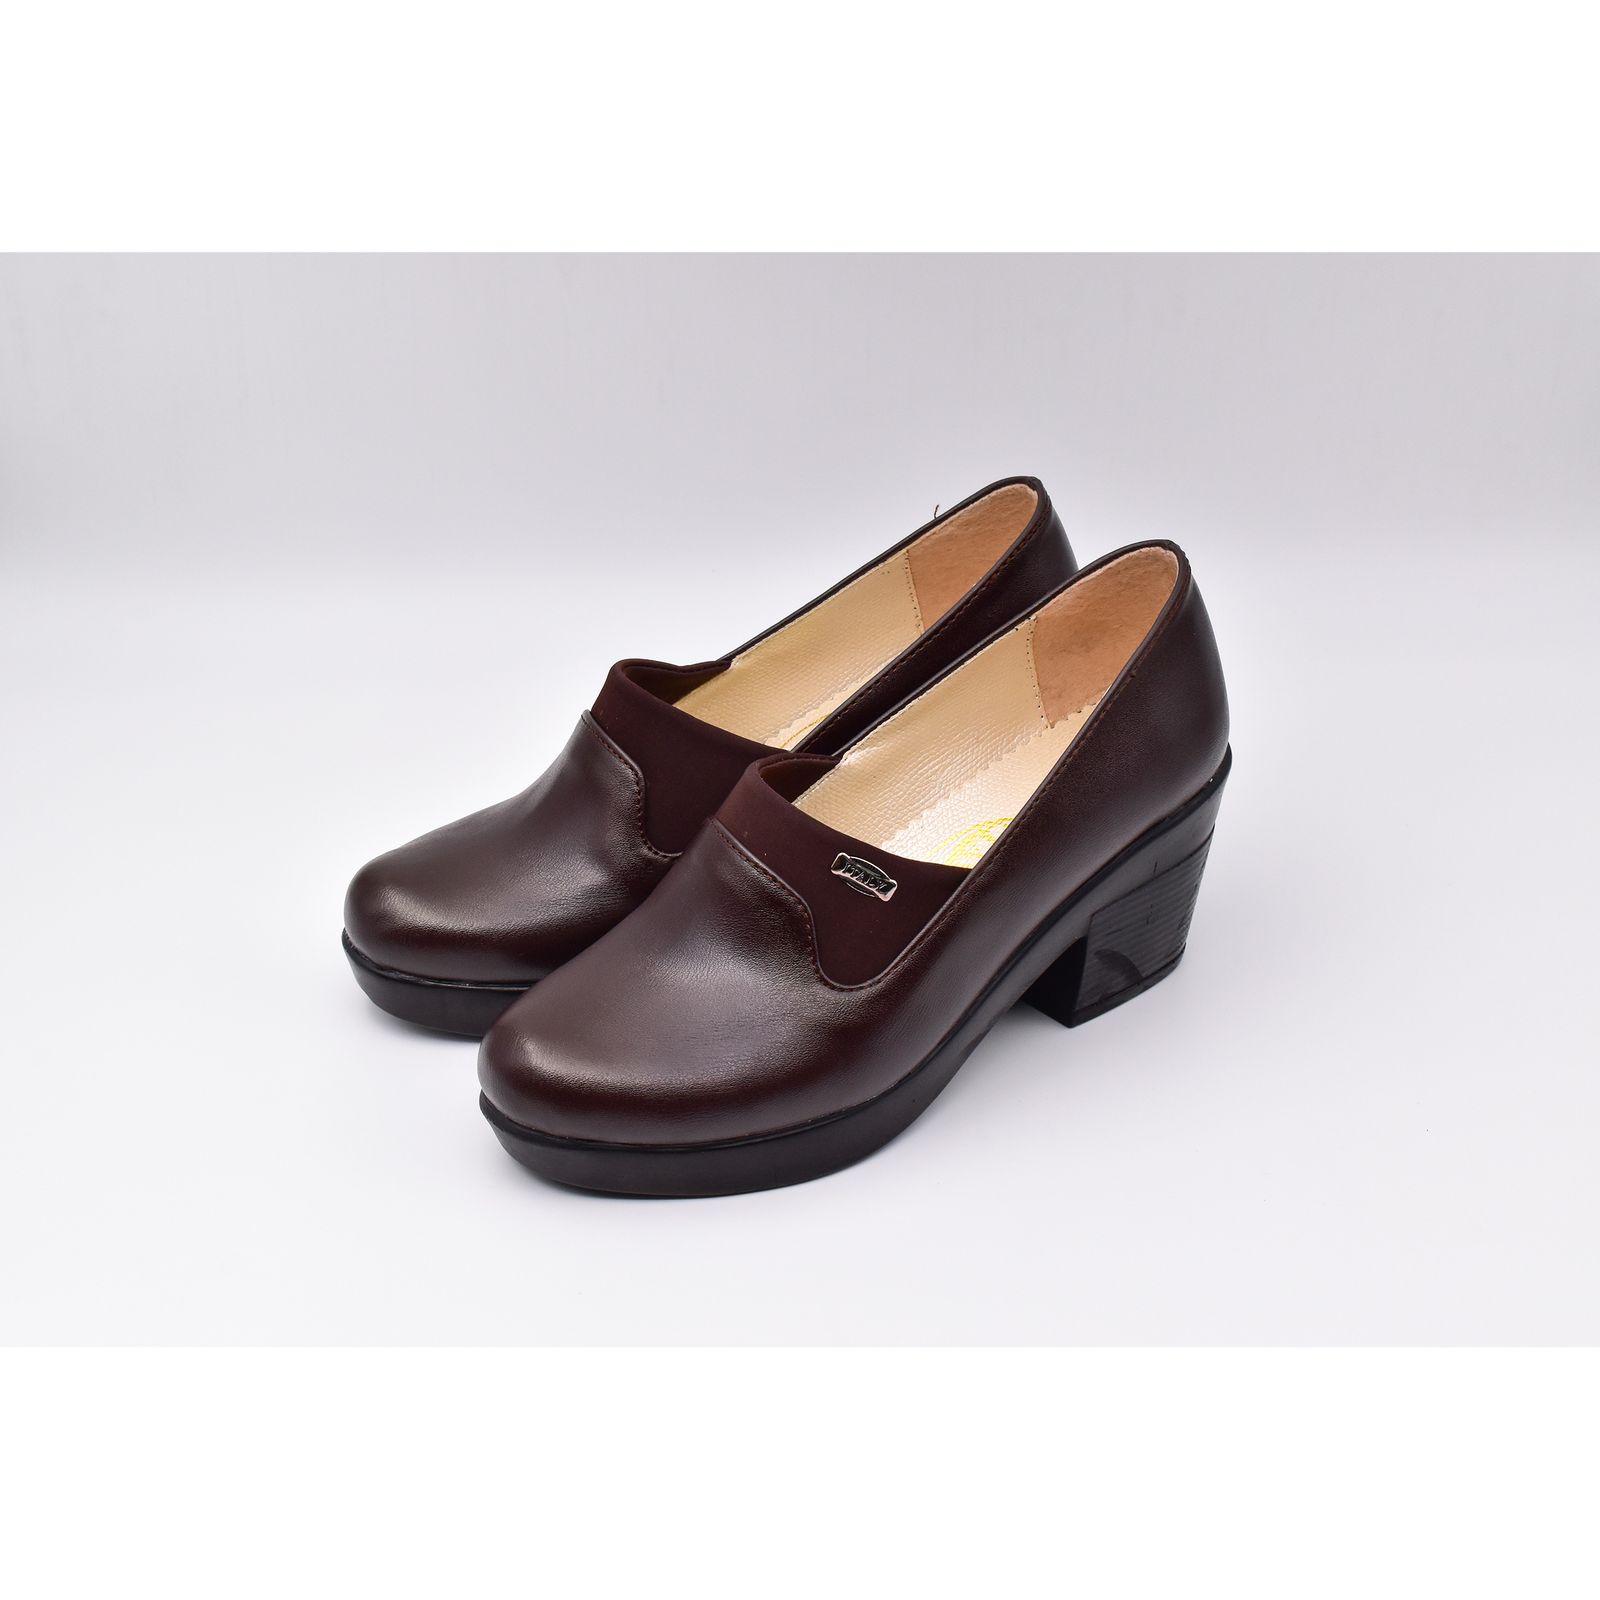 کفش زنانه مدل سحر کد 6975 -  - 3